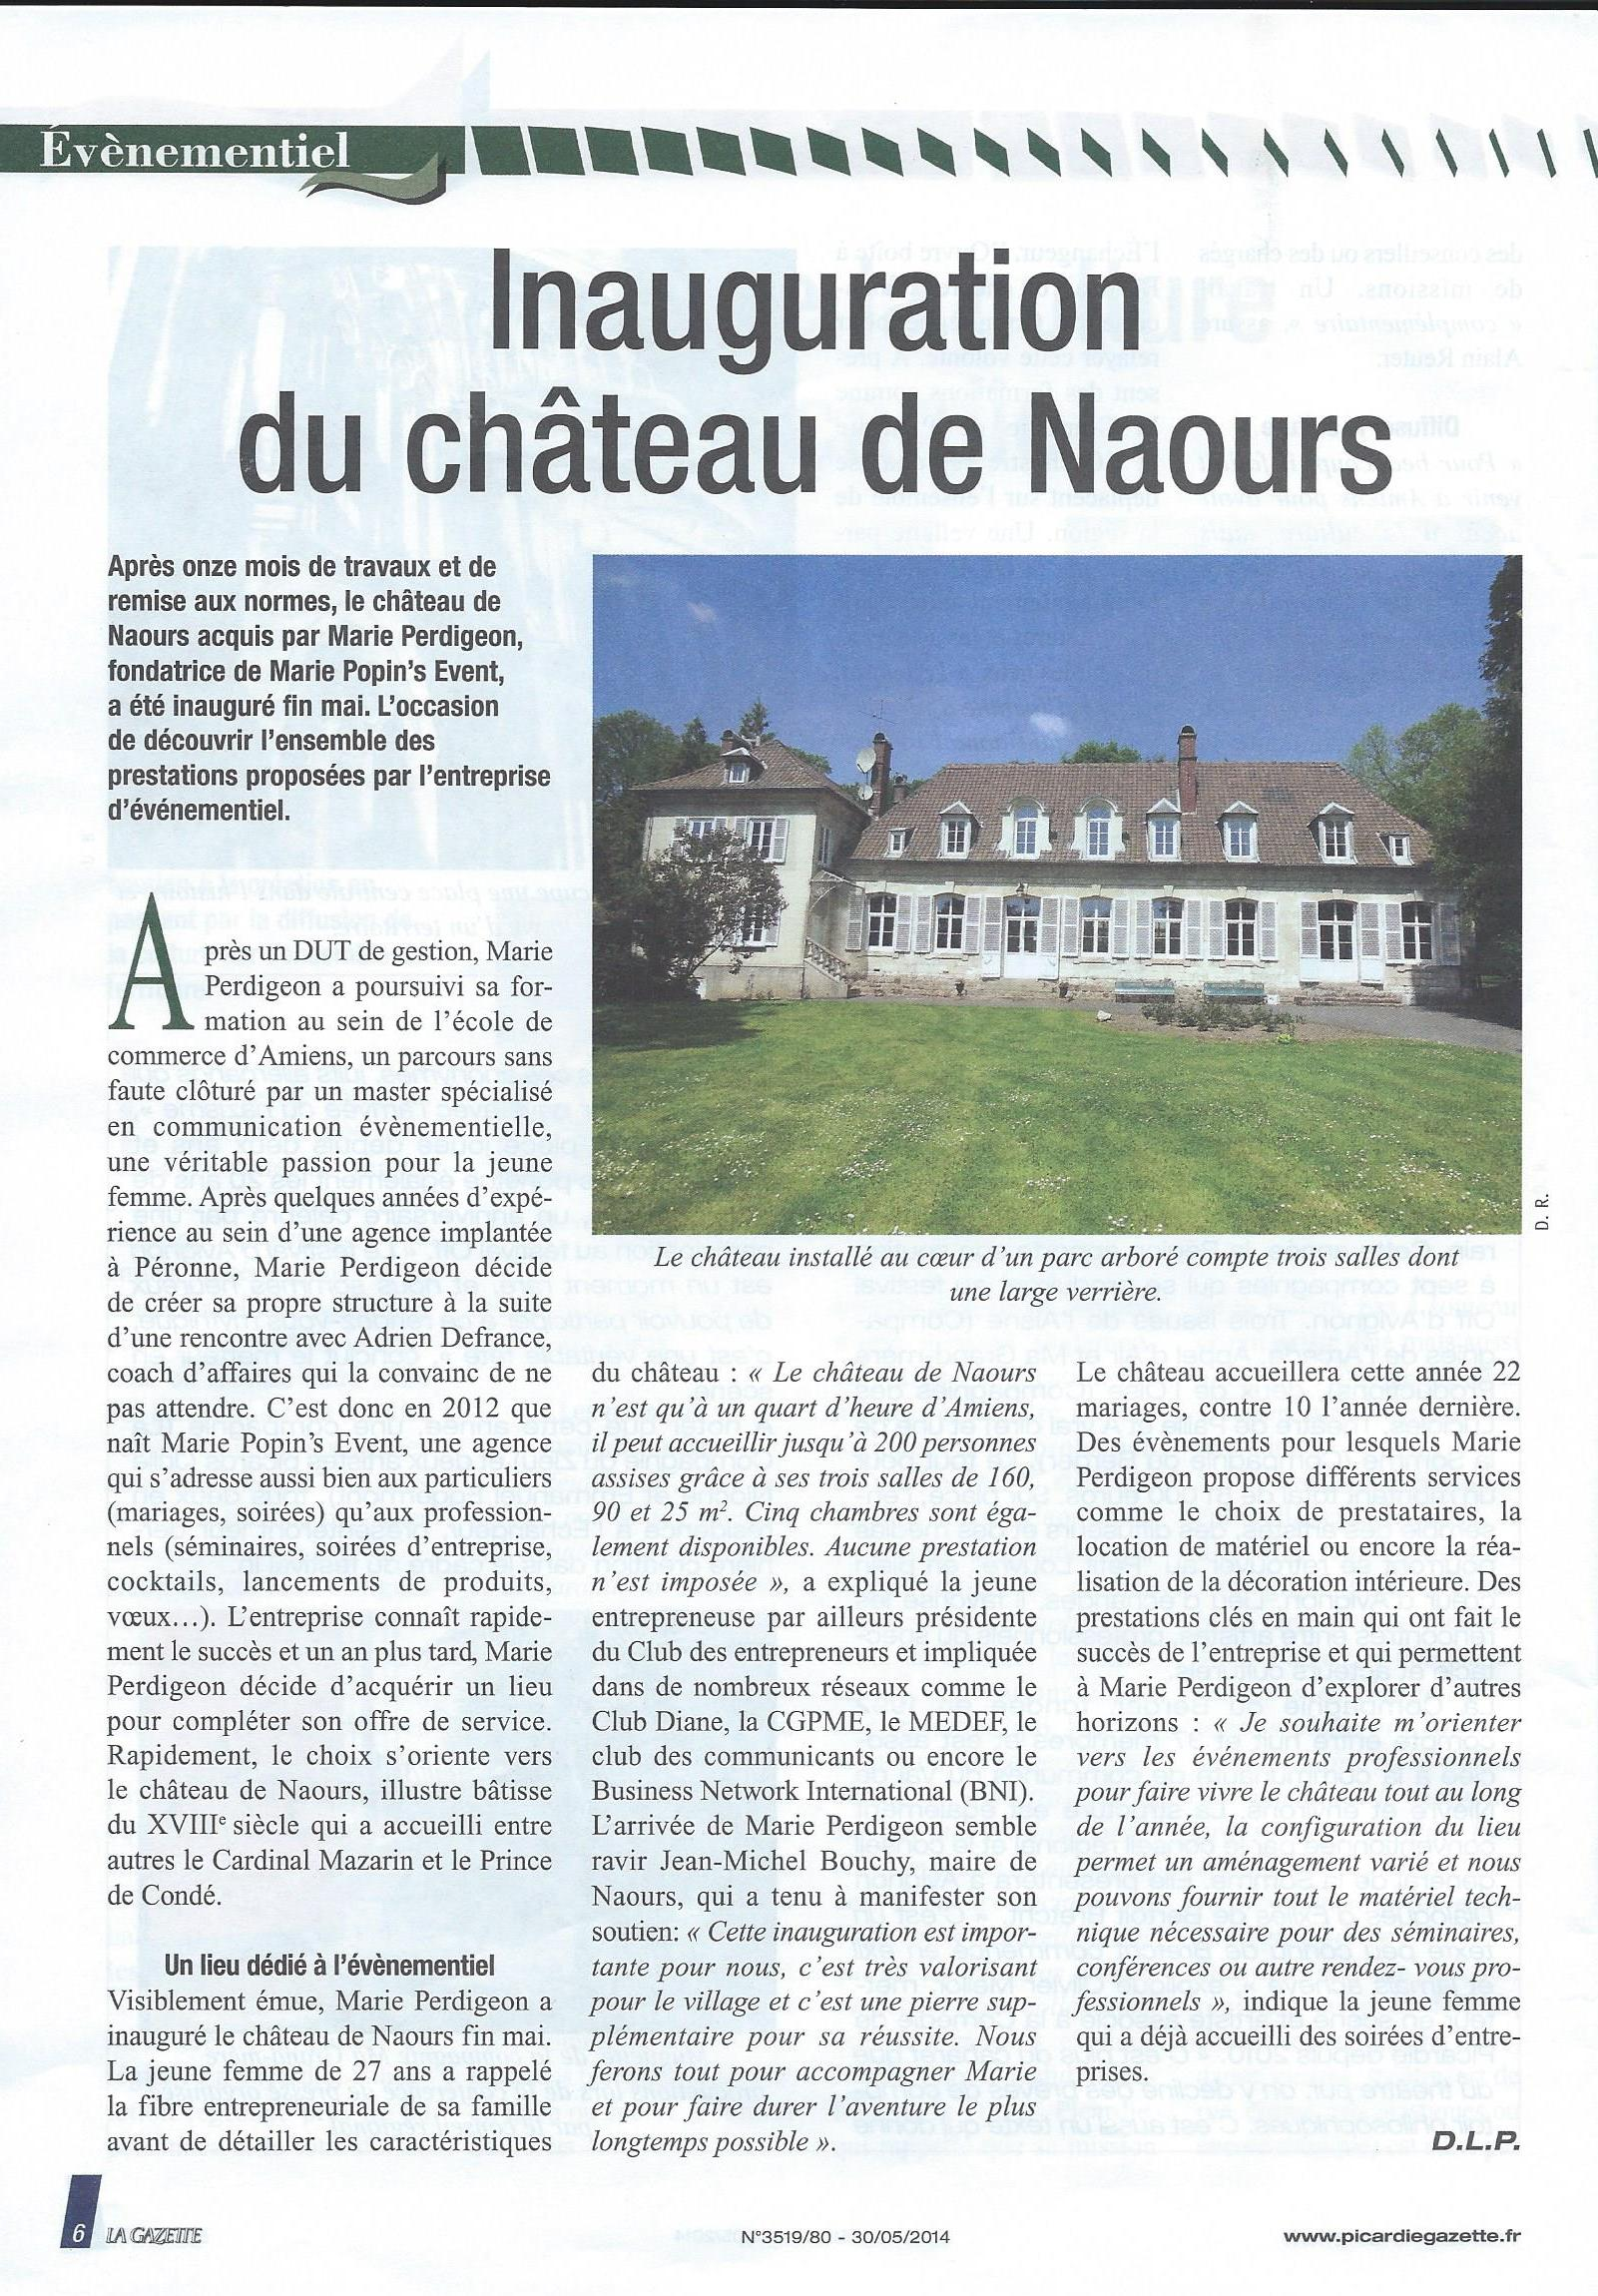 Inauguration du Château de Naours - Article de La Gazette